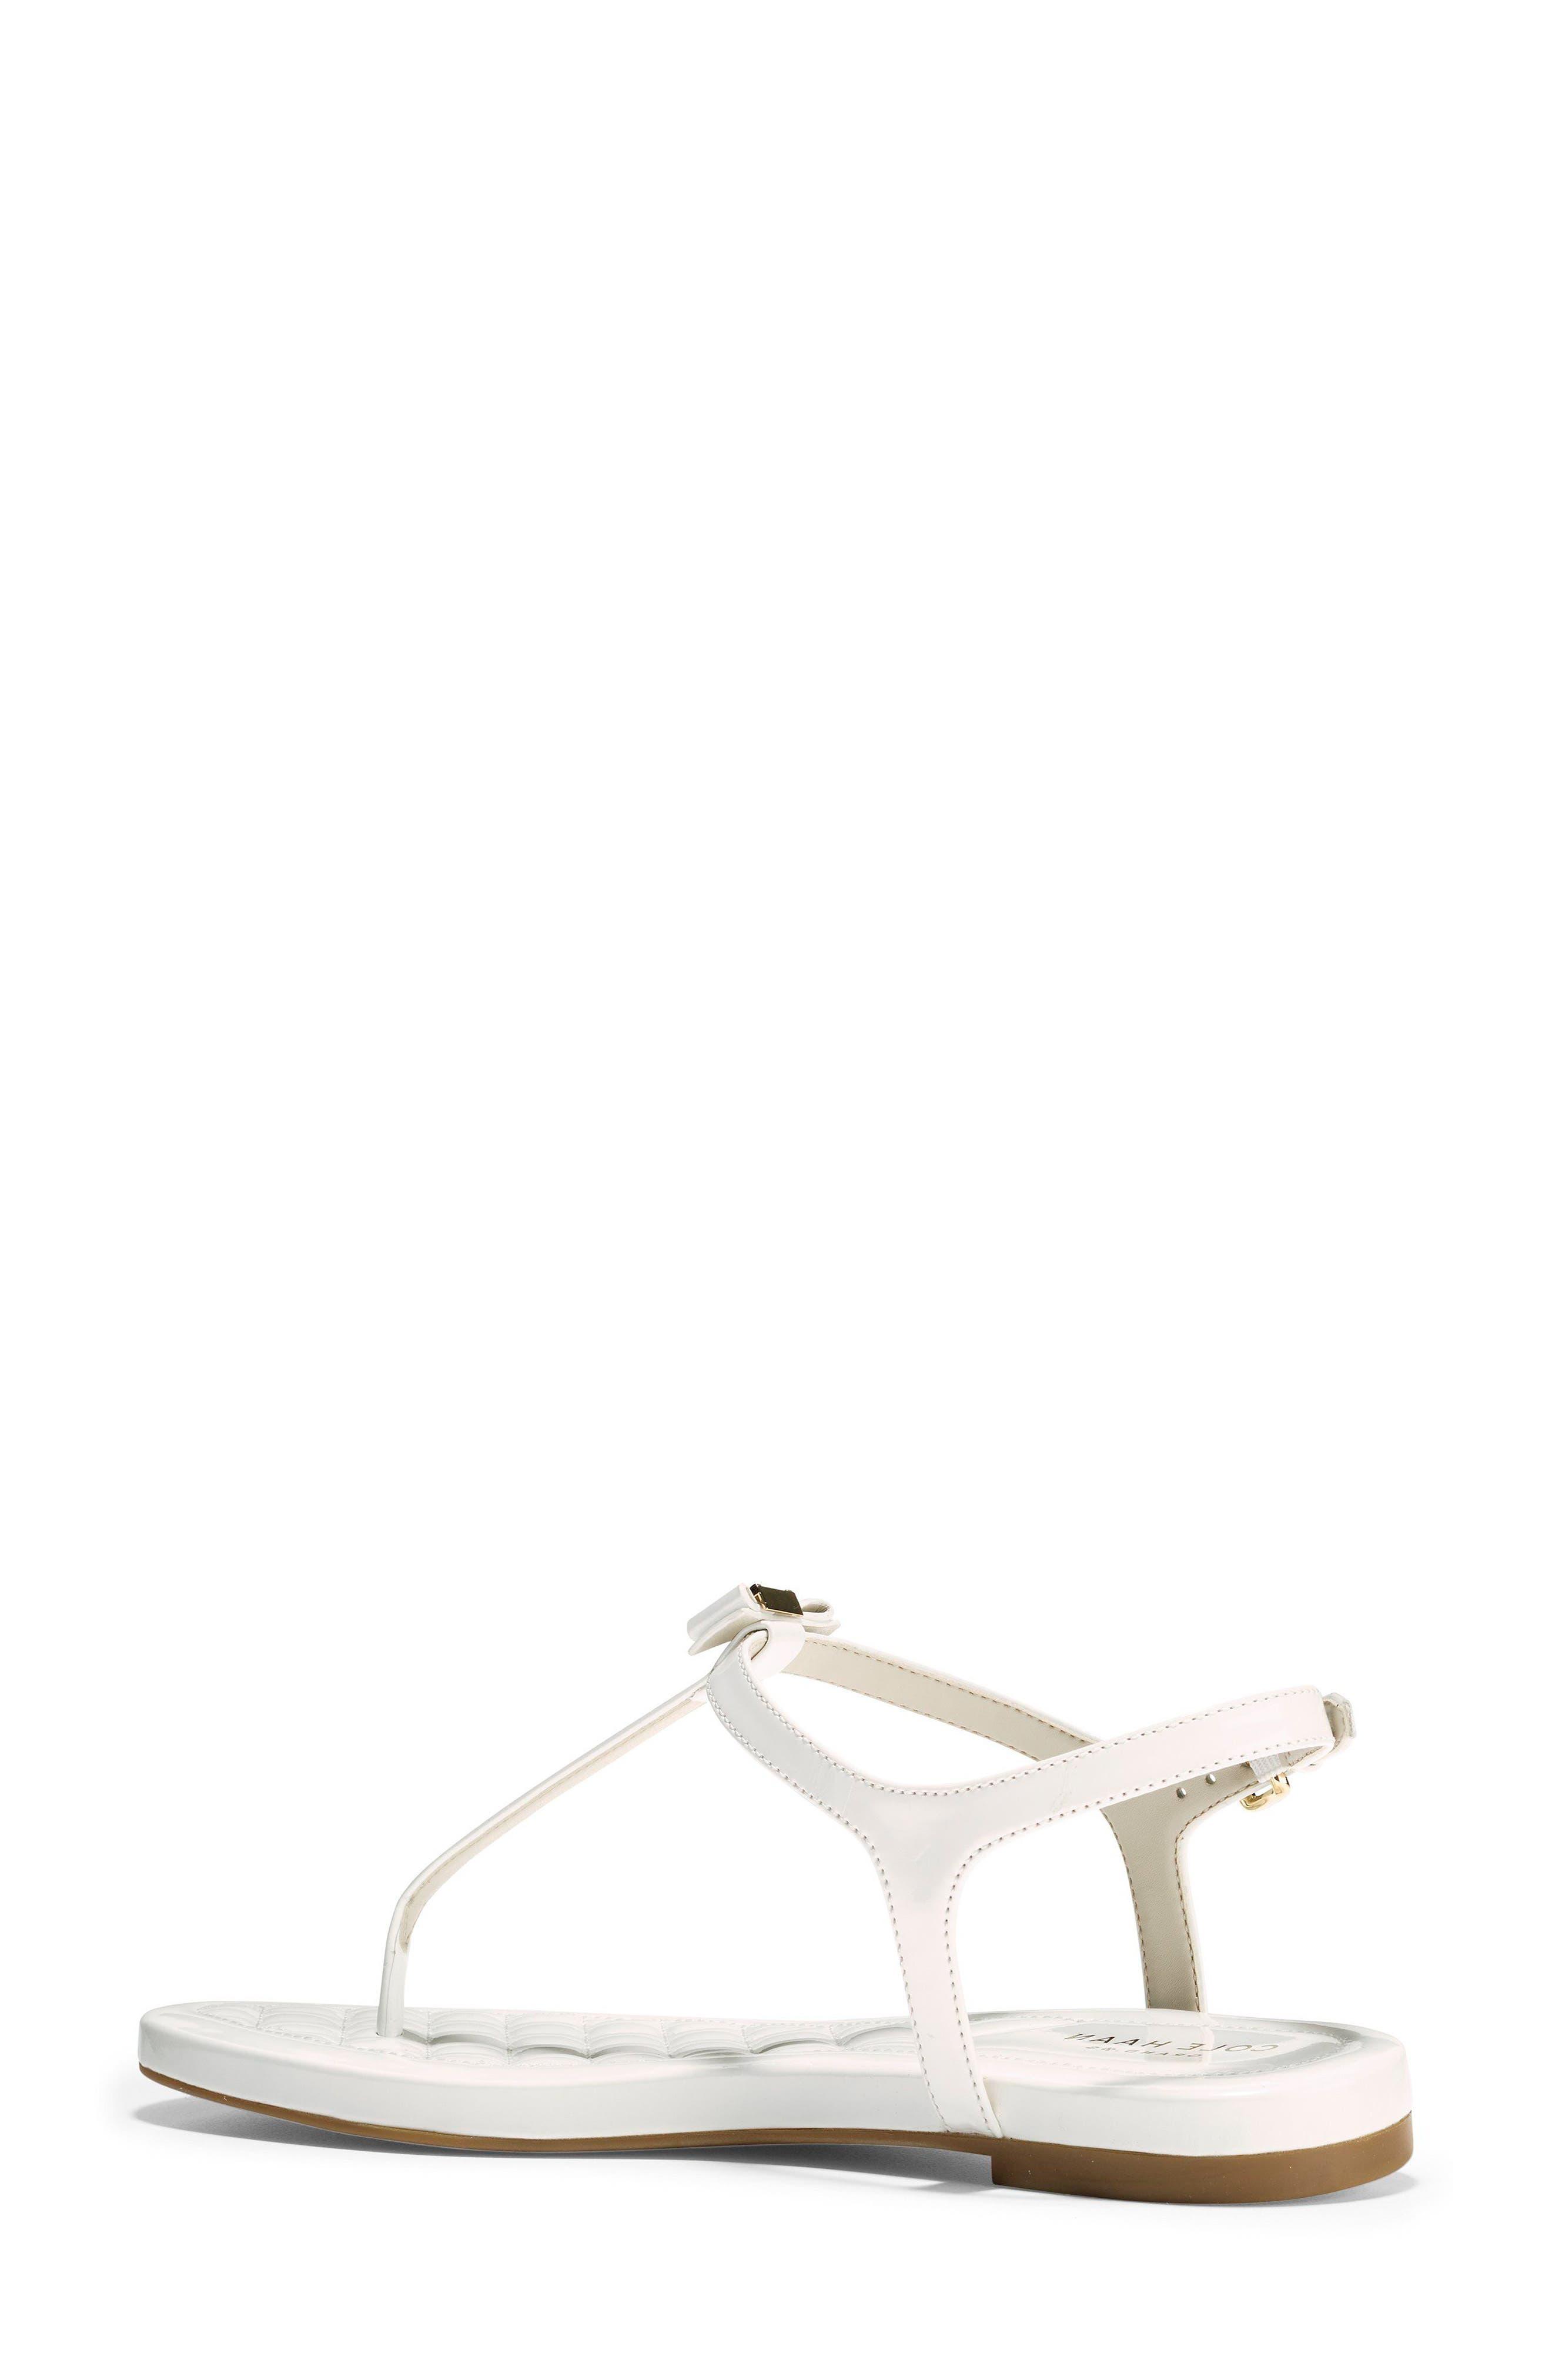 Tali Bow Sandal,                             Alternate thumbnail 2, color,                             Optic White Patent